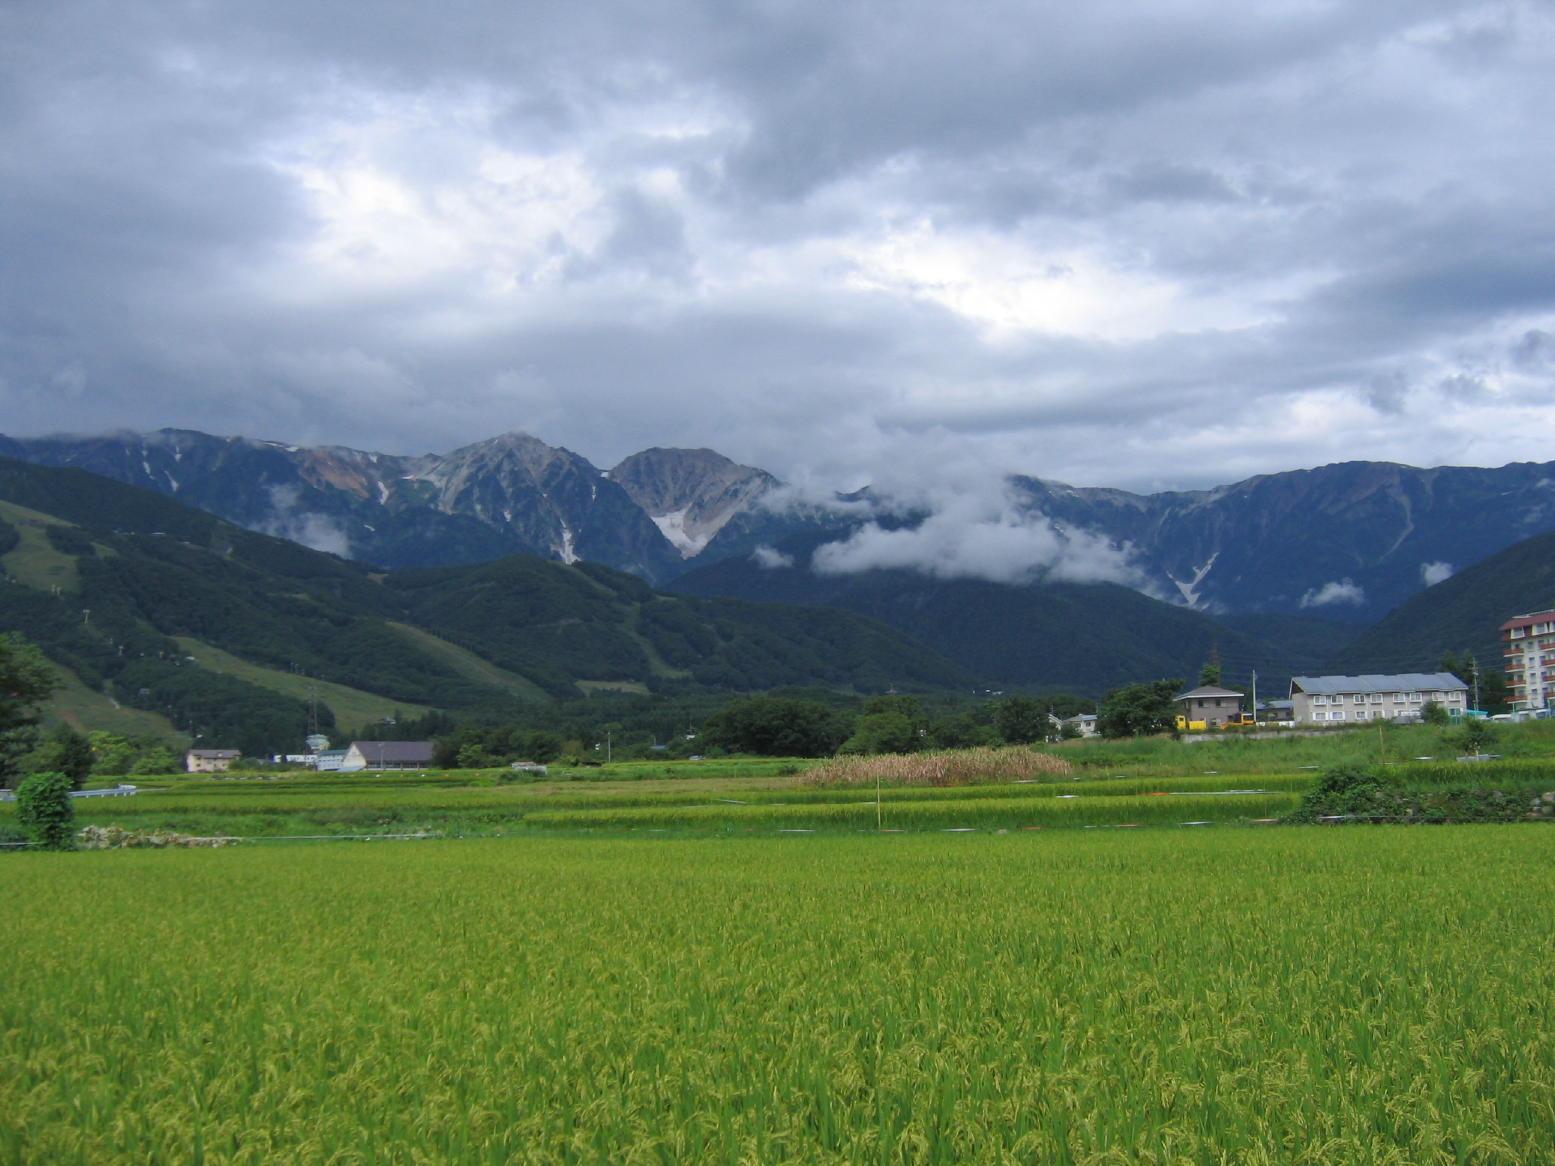 白馬村の自然3 小江戸 徒然草:長野 白馬村(中部山岳国立公園) - l